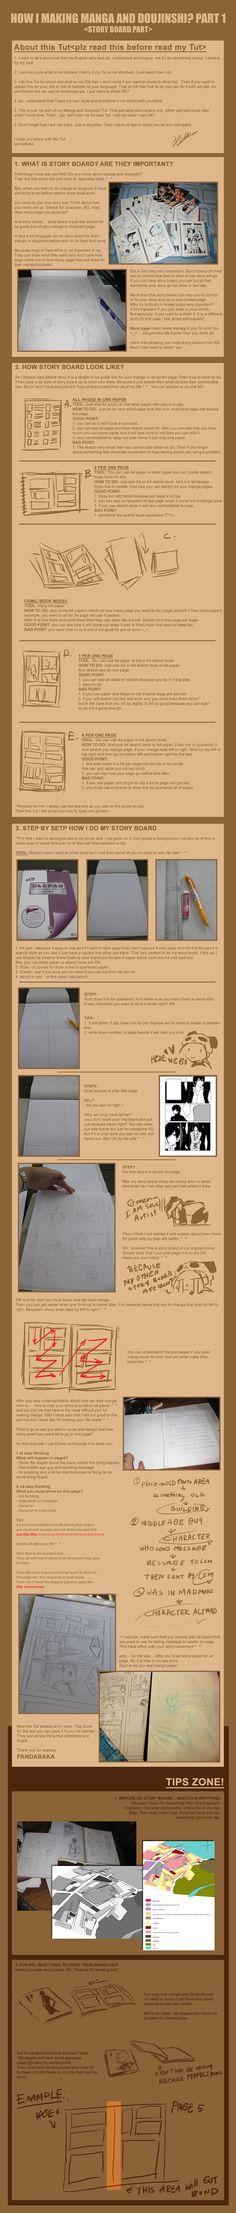 How I making manga part 1 by pandabaka.deviantart.com